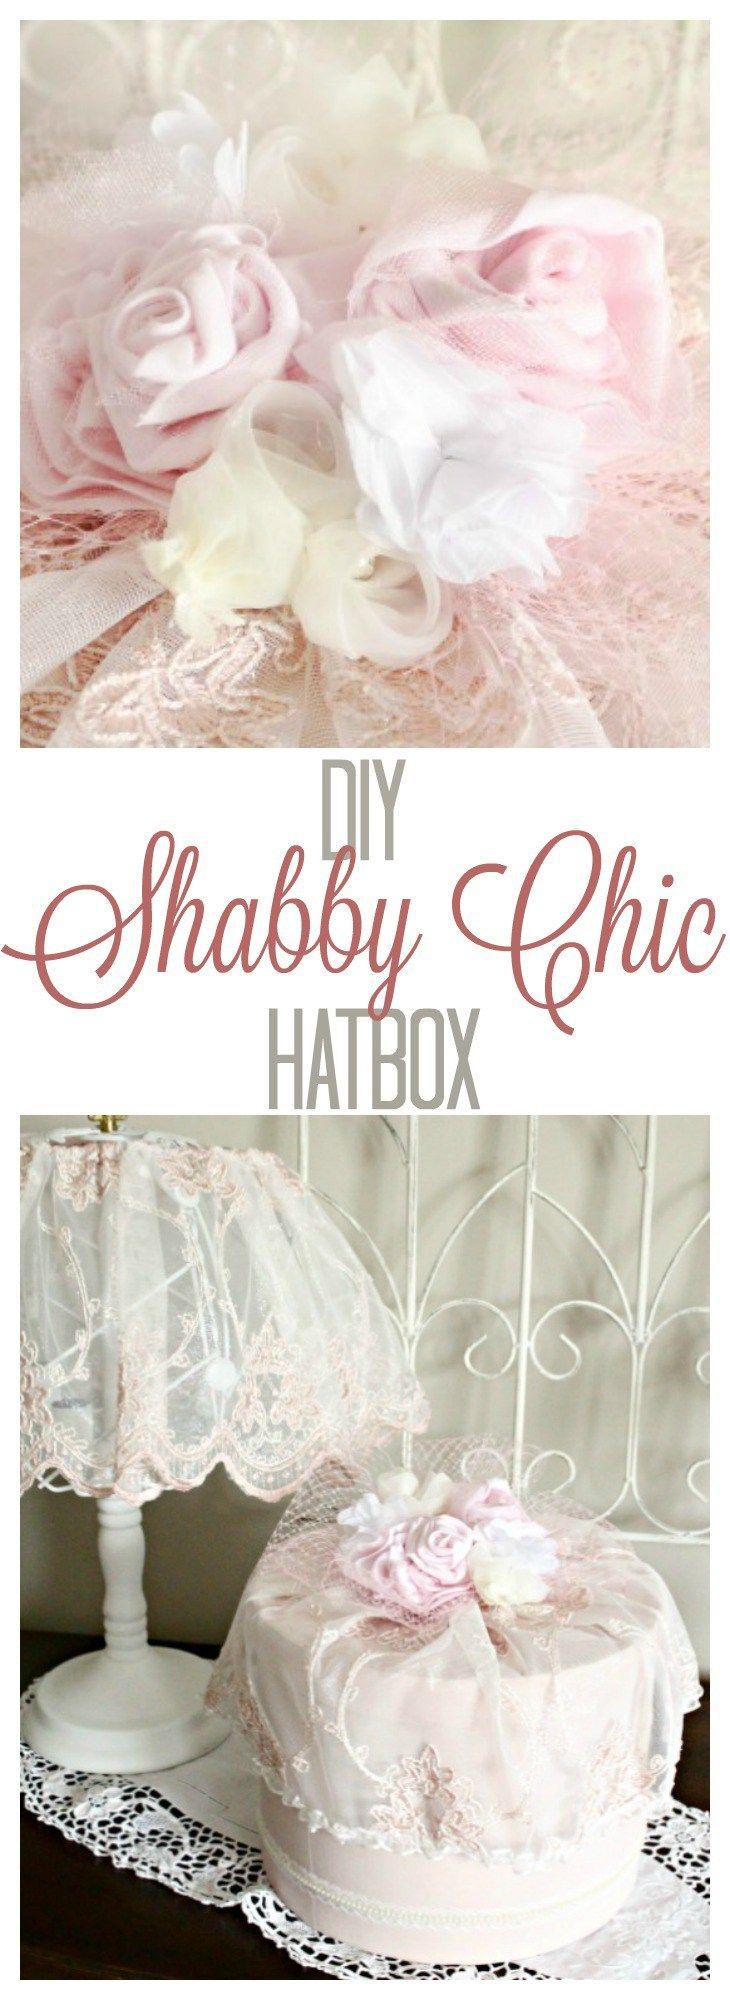 DIY hatbox, hatbox decorating idea, floral hatbox, shabby chic hatbox, vintage hatbox.